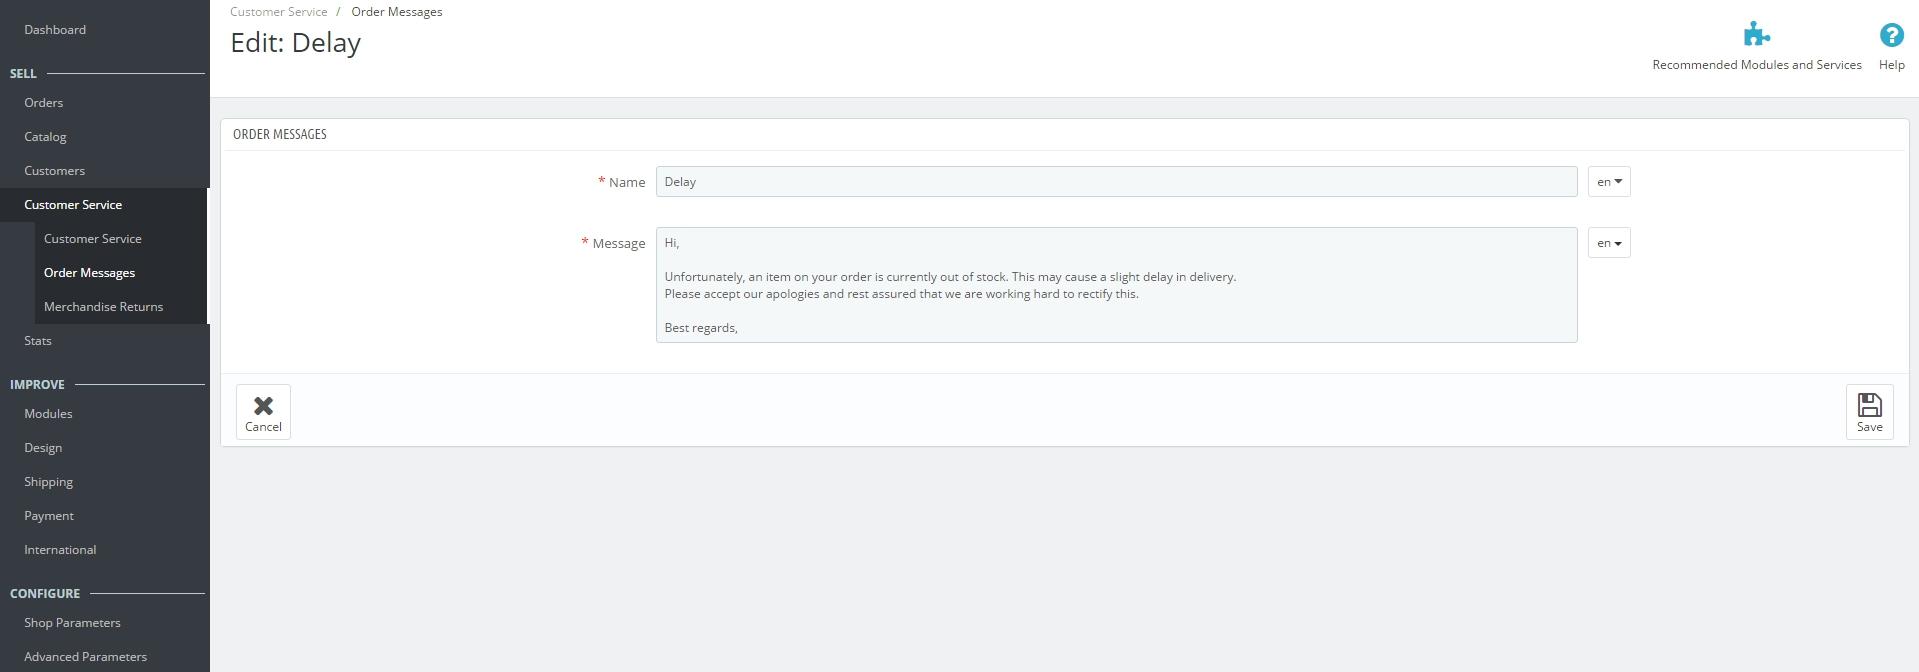 order messages in Prestashop 1.7